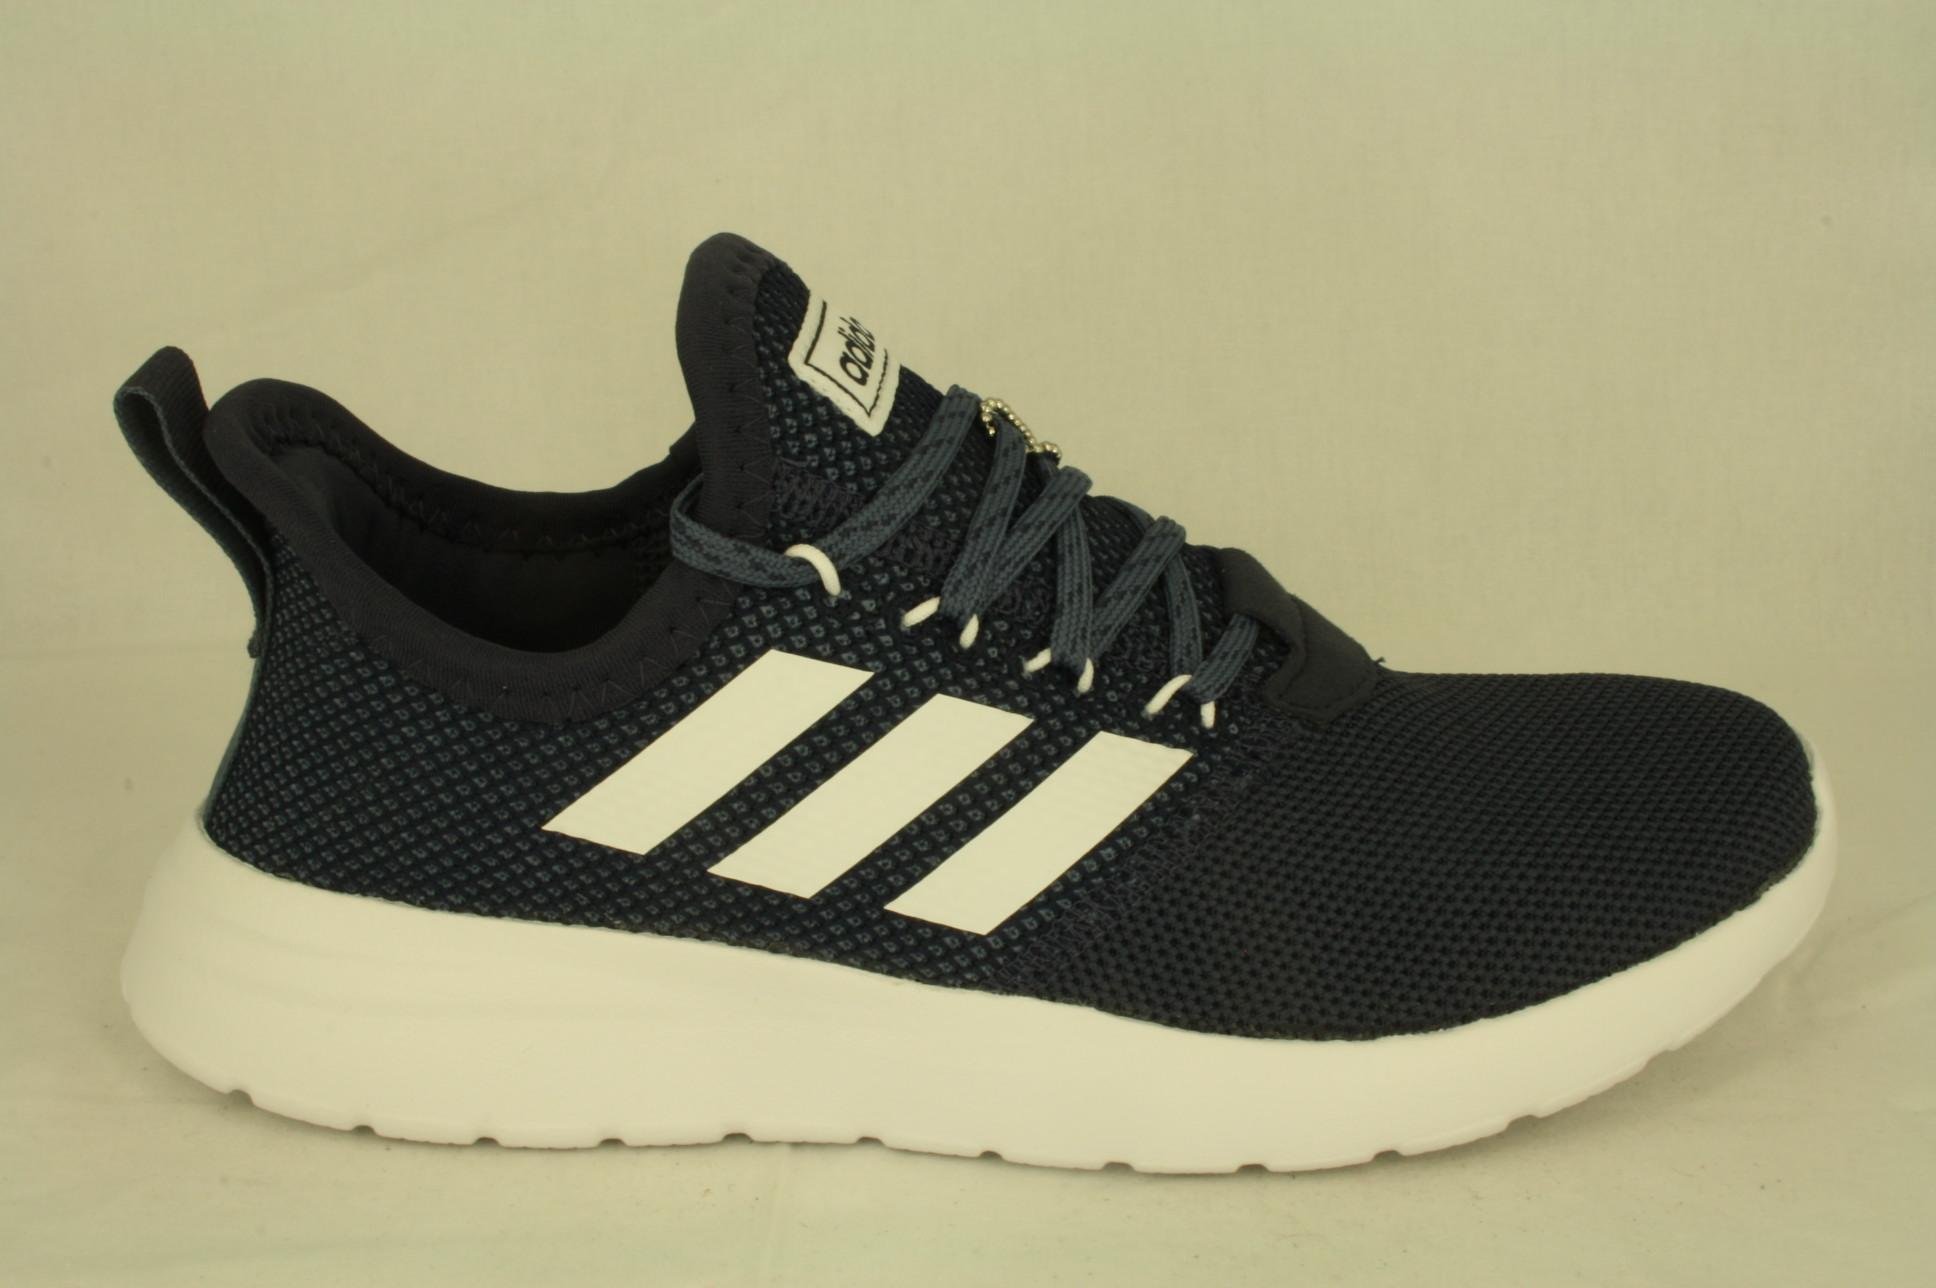 Dwars schoen en sportmode Adidas: Lite Racer RBN, grijsblauw cloudfoam, maat 39,5 tm 44 € 65,00